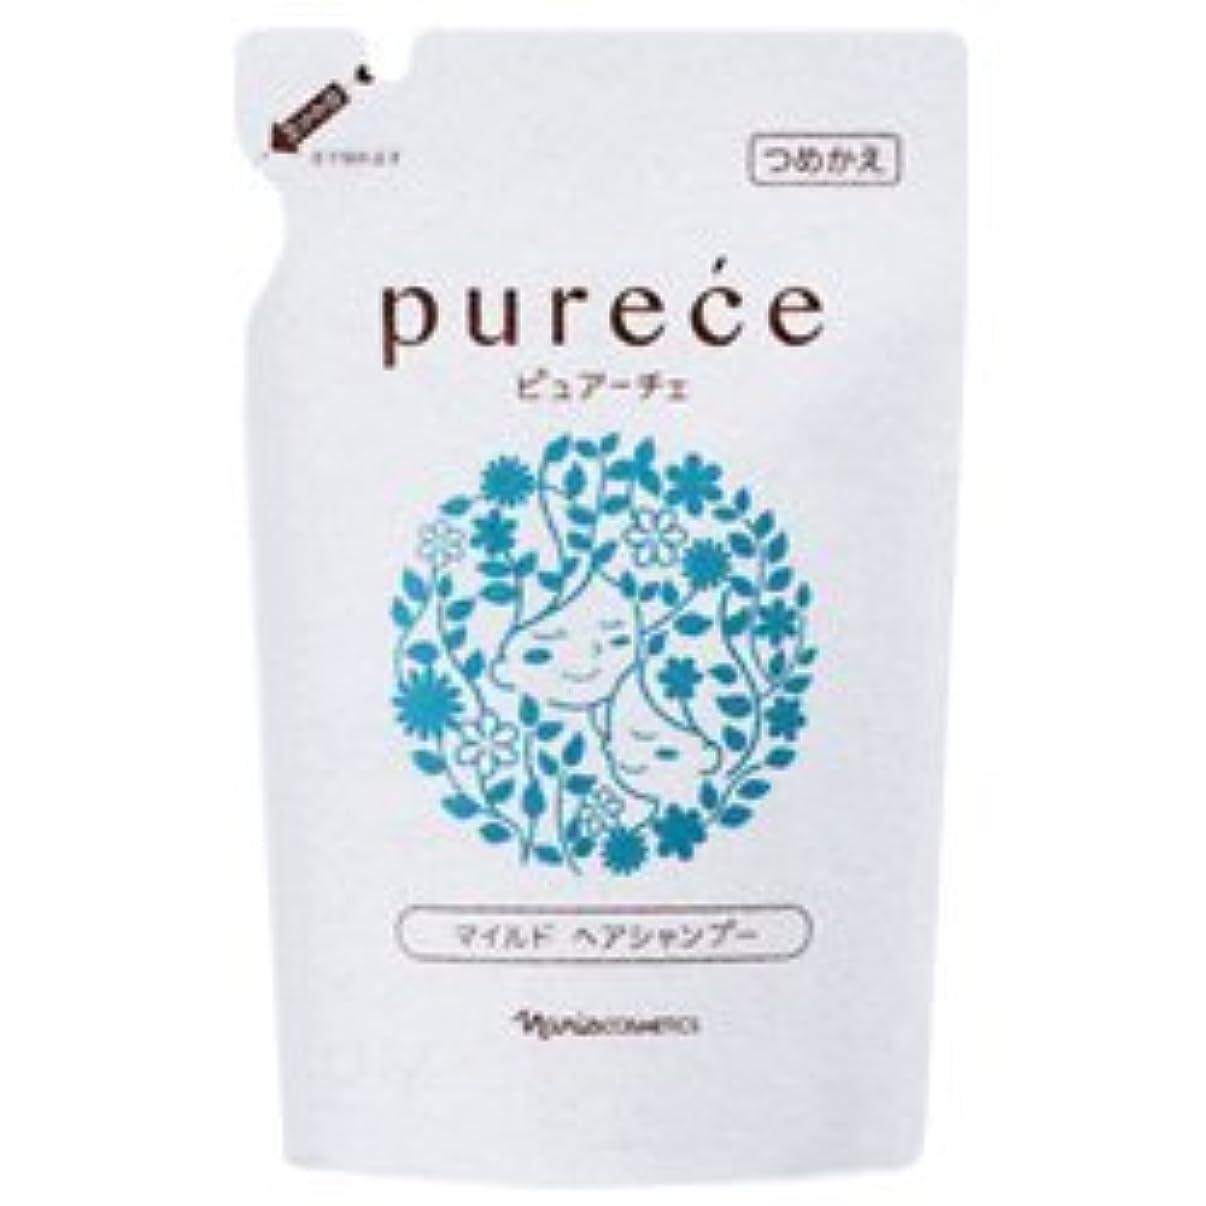 羊慢性的インテリアナリス化粧品 ピュアーチェ(PURECE) マイルドヘアシャンプーLS カエ 450ml [レフィル]